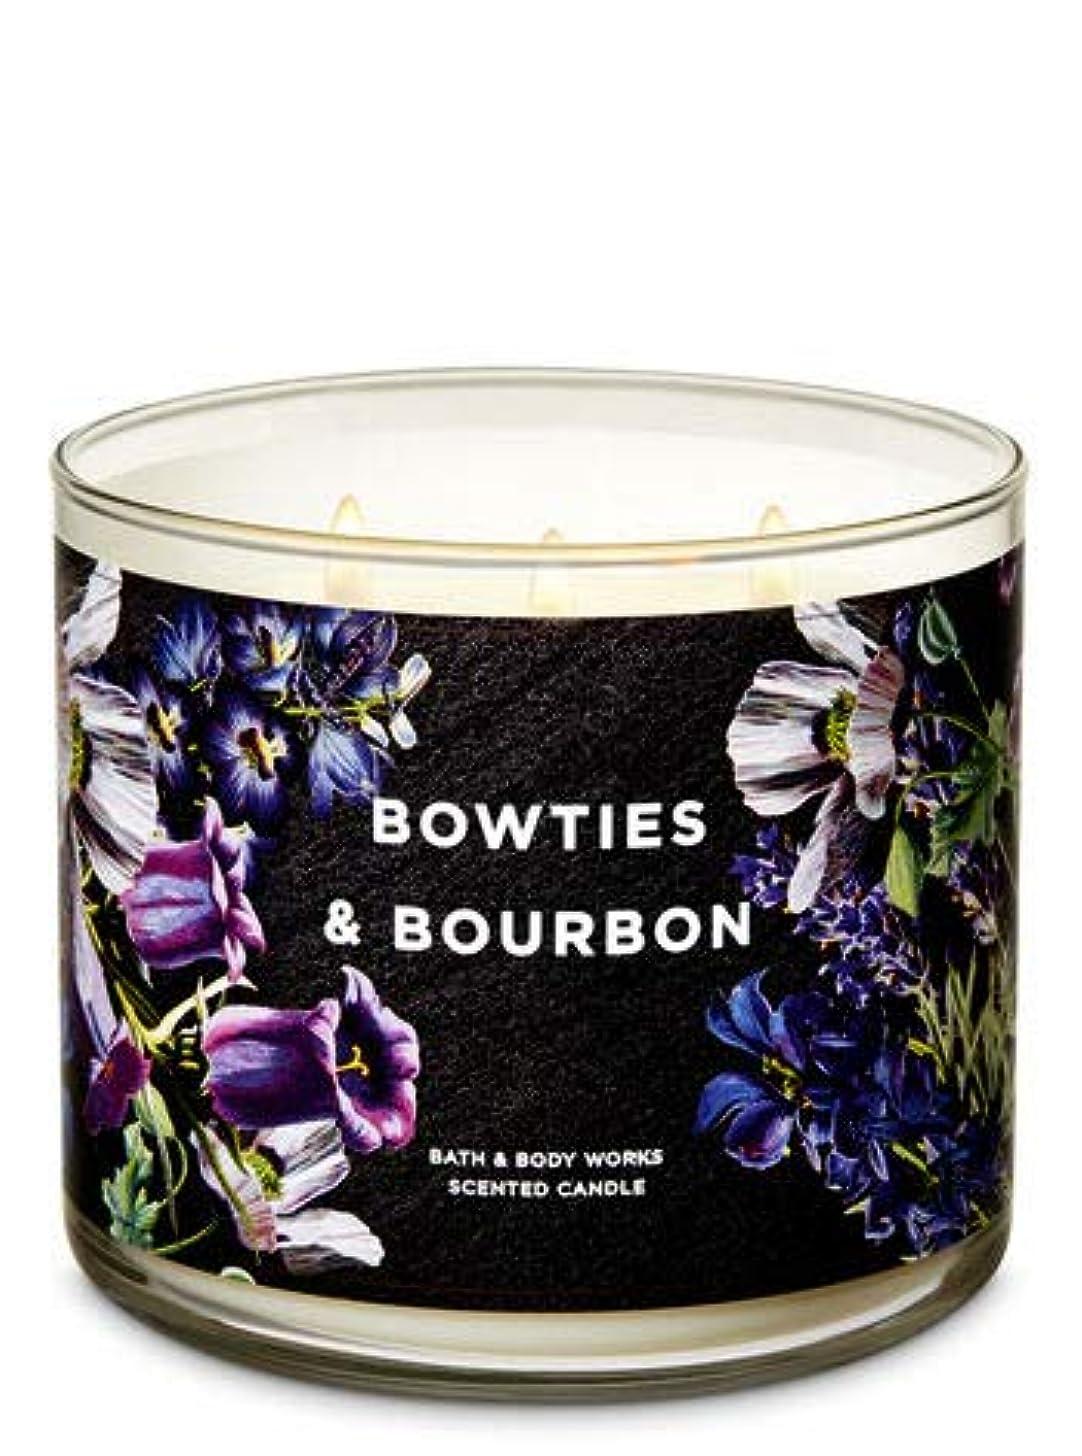 長いです彫る同封する【Bath&Body Works/バス&ボディワークス】 アロマキャンドル ボウタイ&バーボン 3-Wick Scented Candle Bowties & Bourbon 14.5oz/411g [並行輸入品]